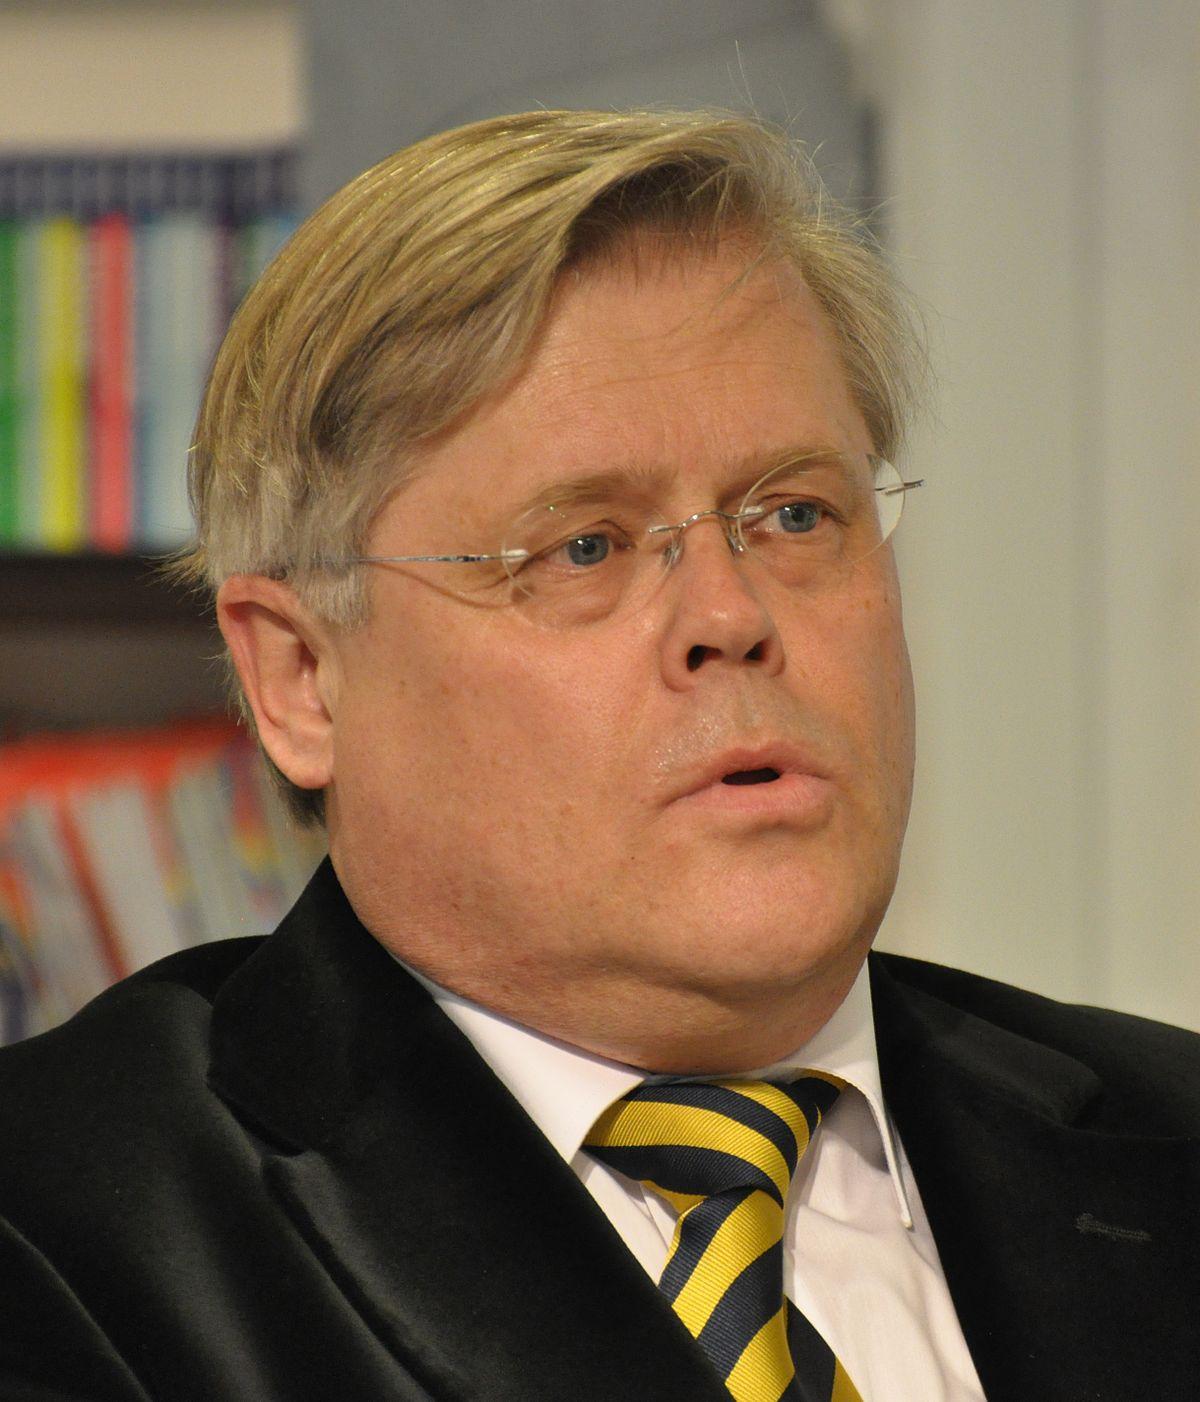 Matti Wiberg